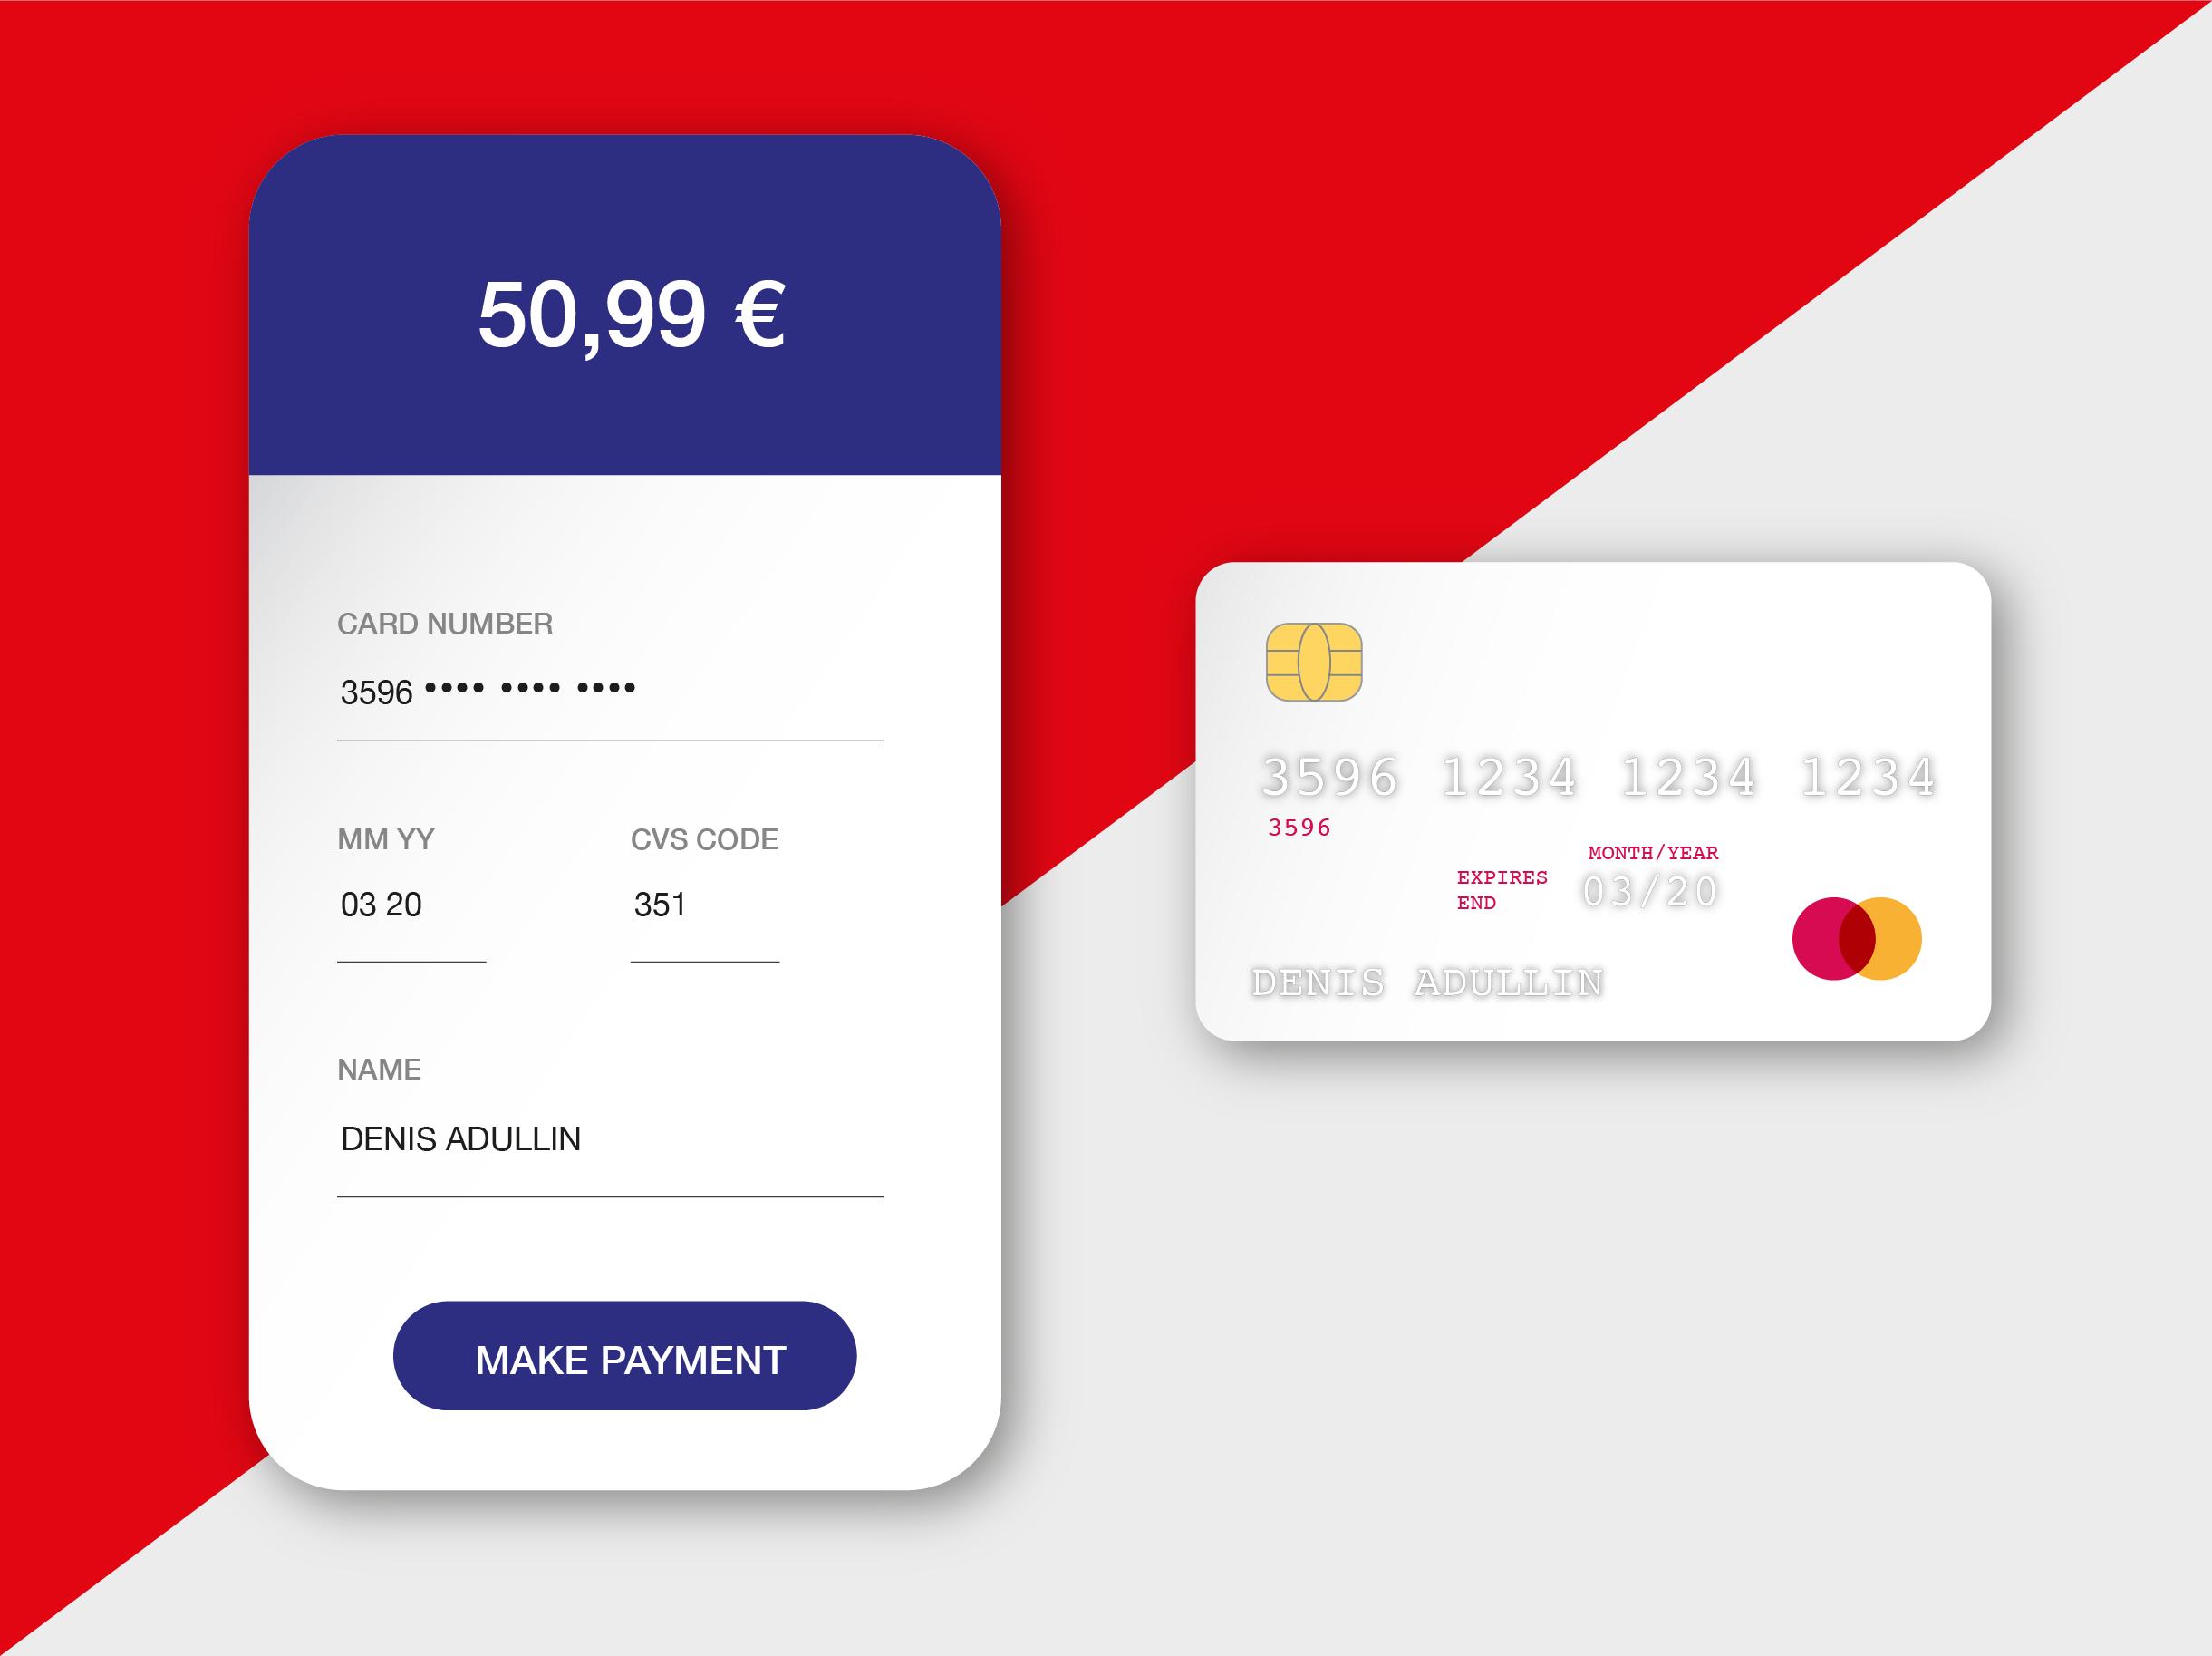 Paytweak - Secteur: B2B / FintechInnovation: Paytweak est une solution globale de paiement sécurisé par Email et SMS pour encaisser en Banque, sans délai, sans intermédiaire ni commissions. Paytweak permet d'accélérer les encaissements et facilite le paiement de tous les clients en 1 clic. La solution en mode SAAS est recommandée par des banques et des PSP.Fondateur: Thierry MeimounOffice: GISORS (27)